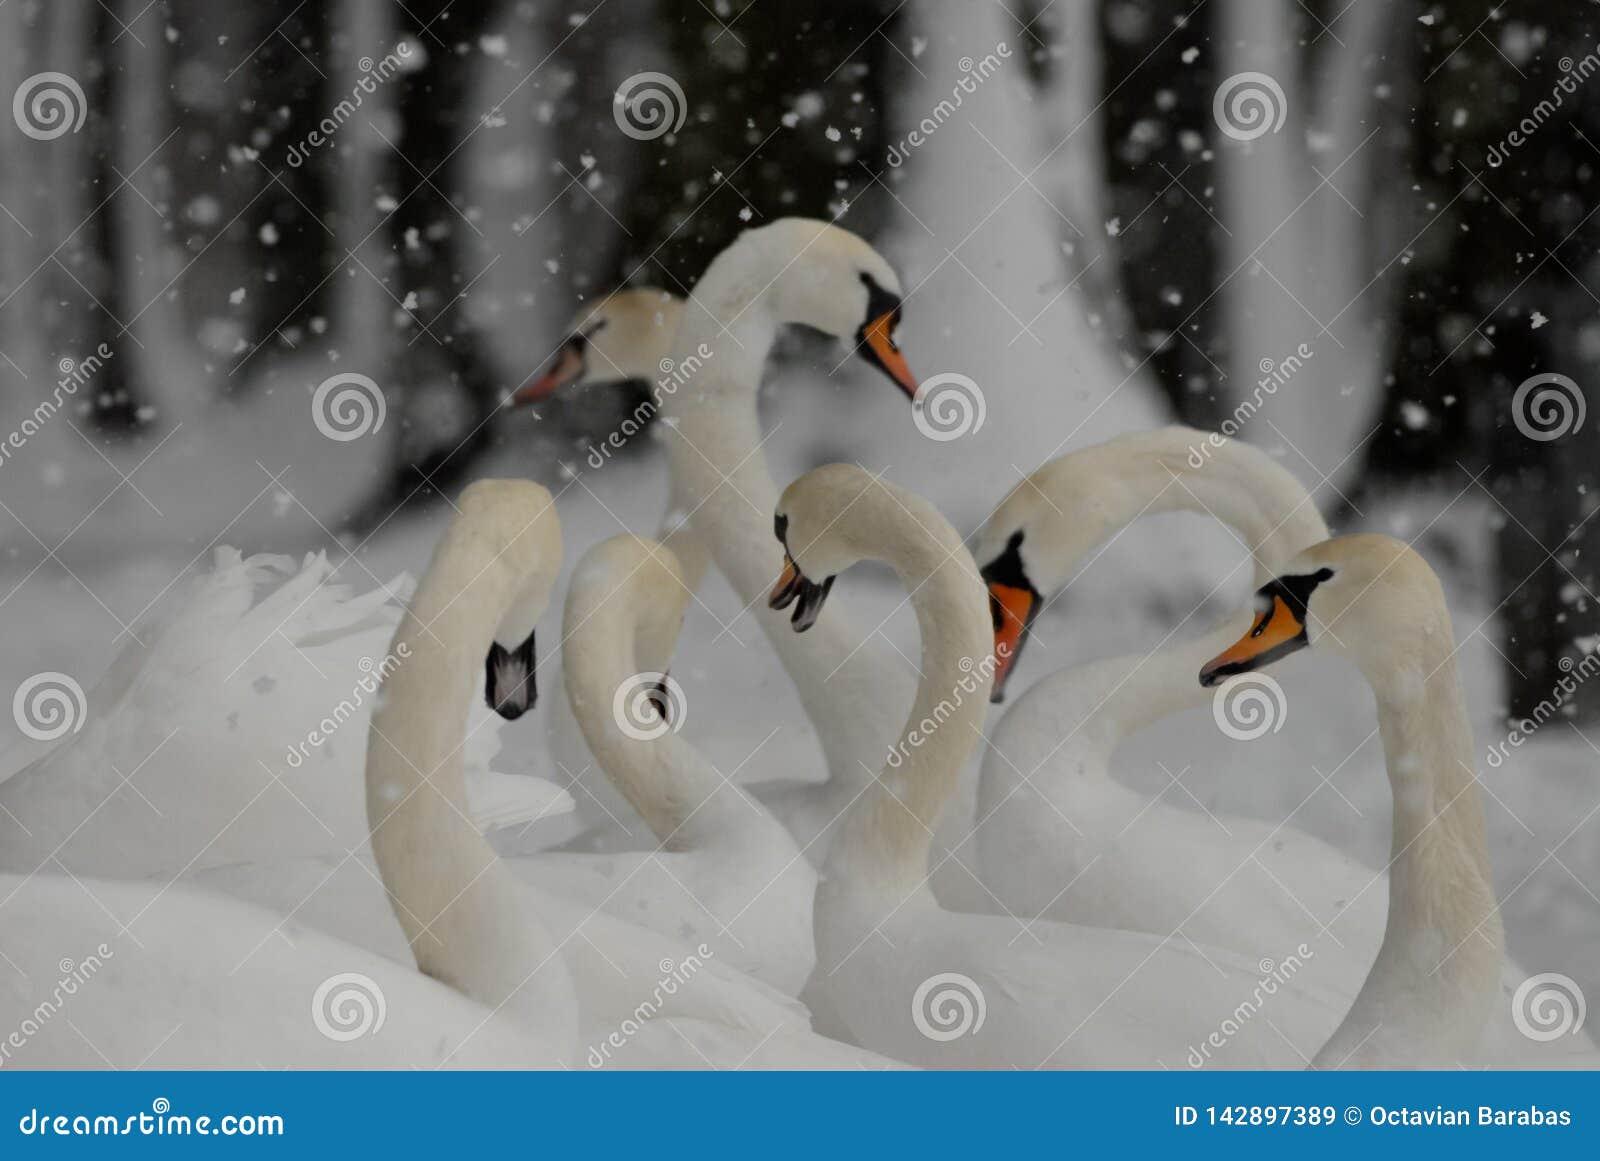 Cisnes na neve no inverno ao nevar